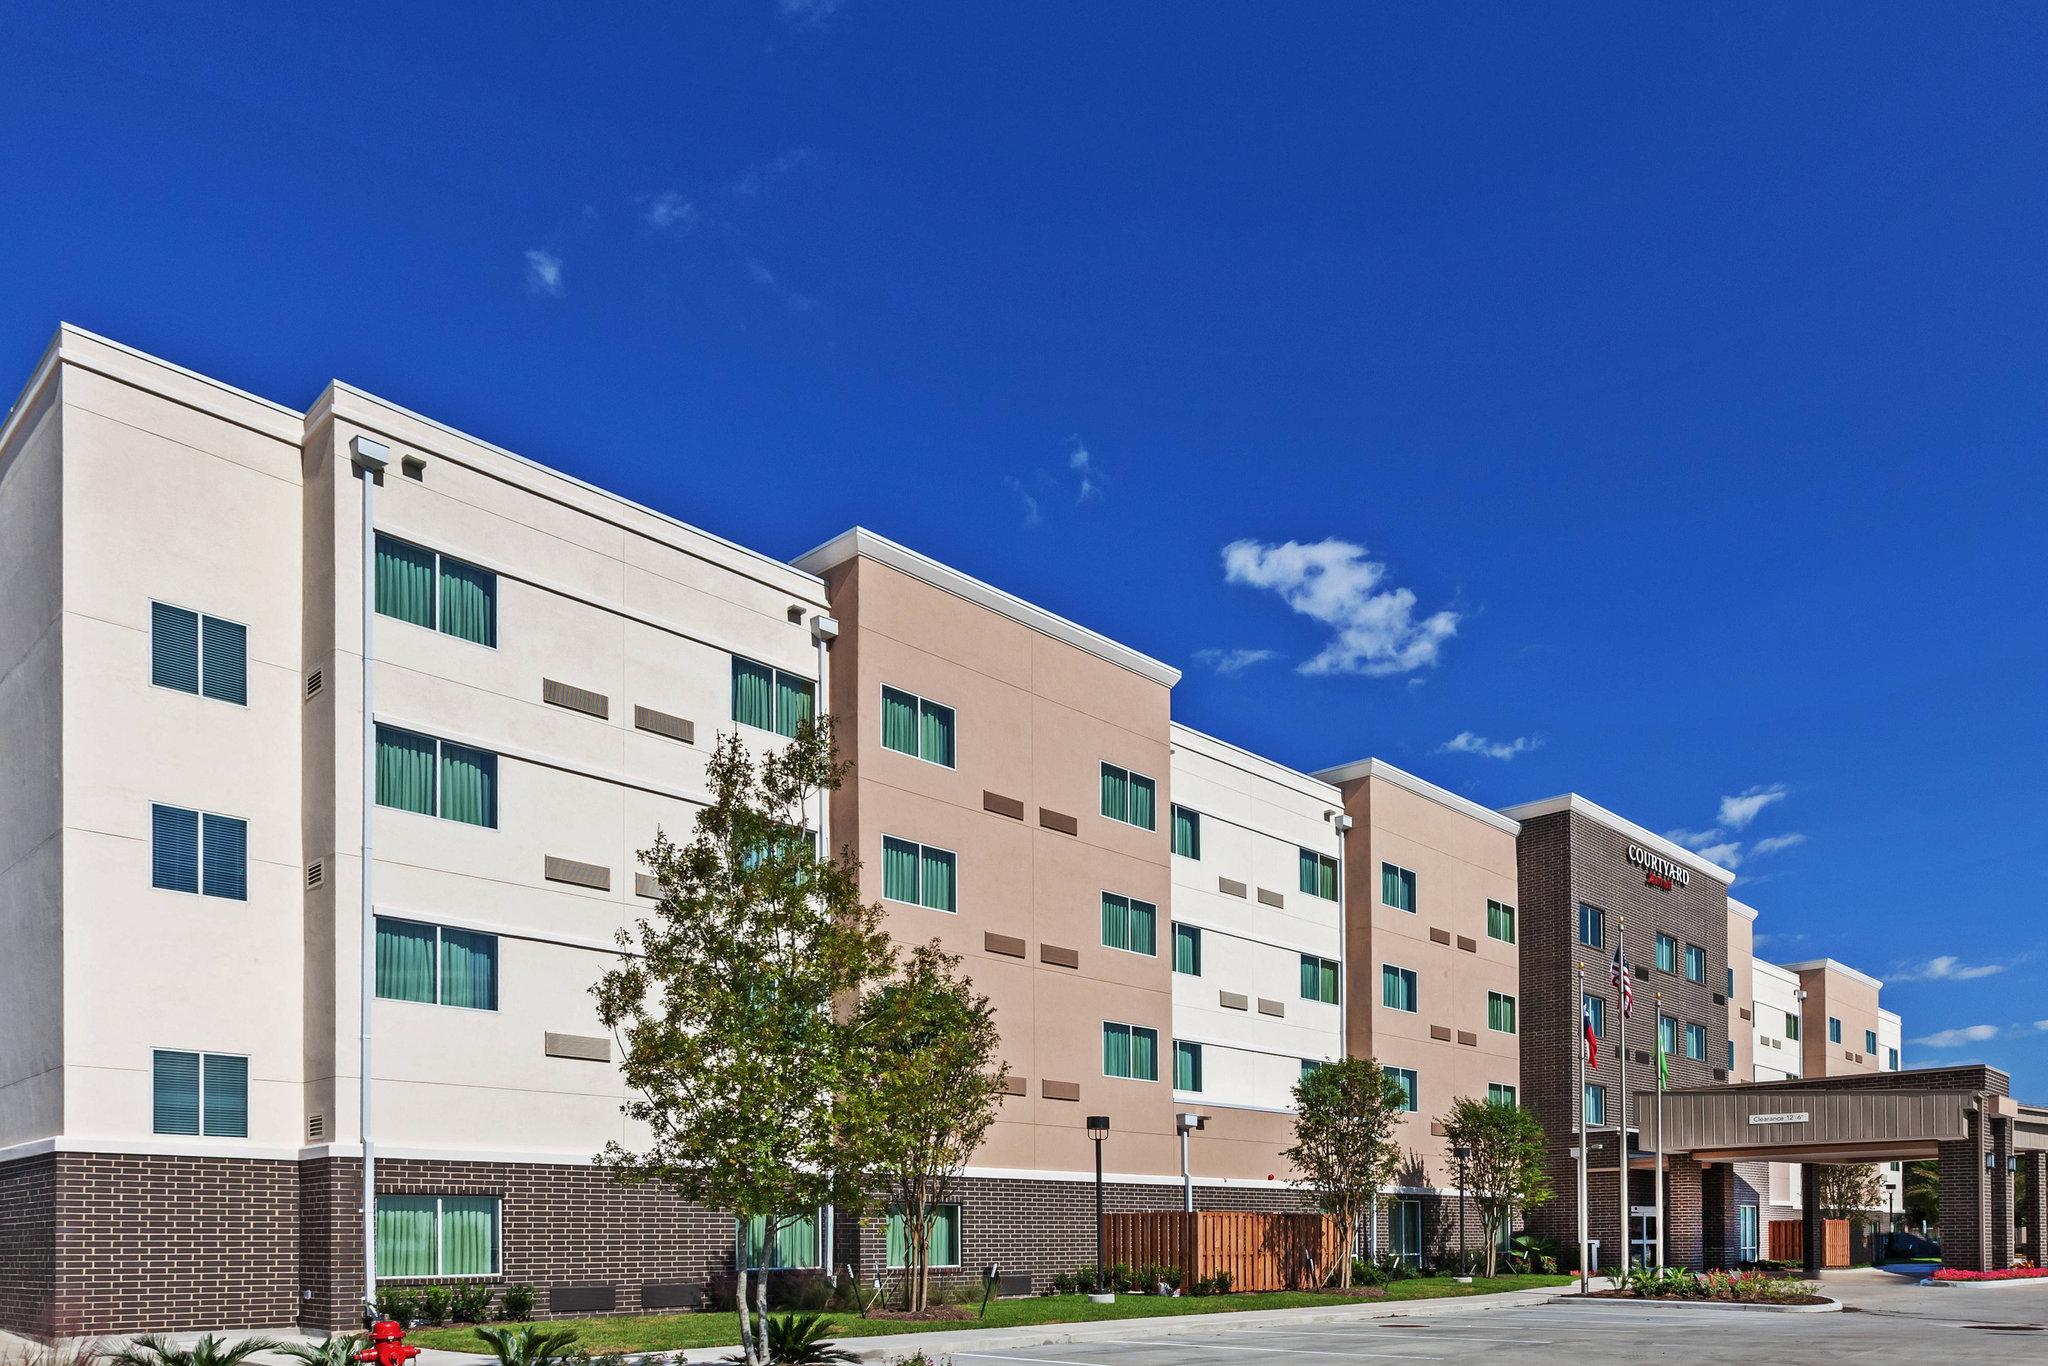 Courtyard Houston I-10 W/Barker Cypress